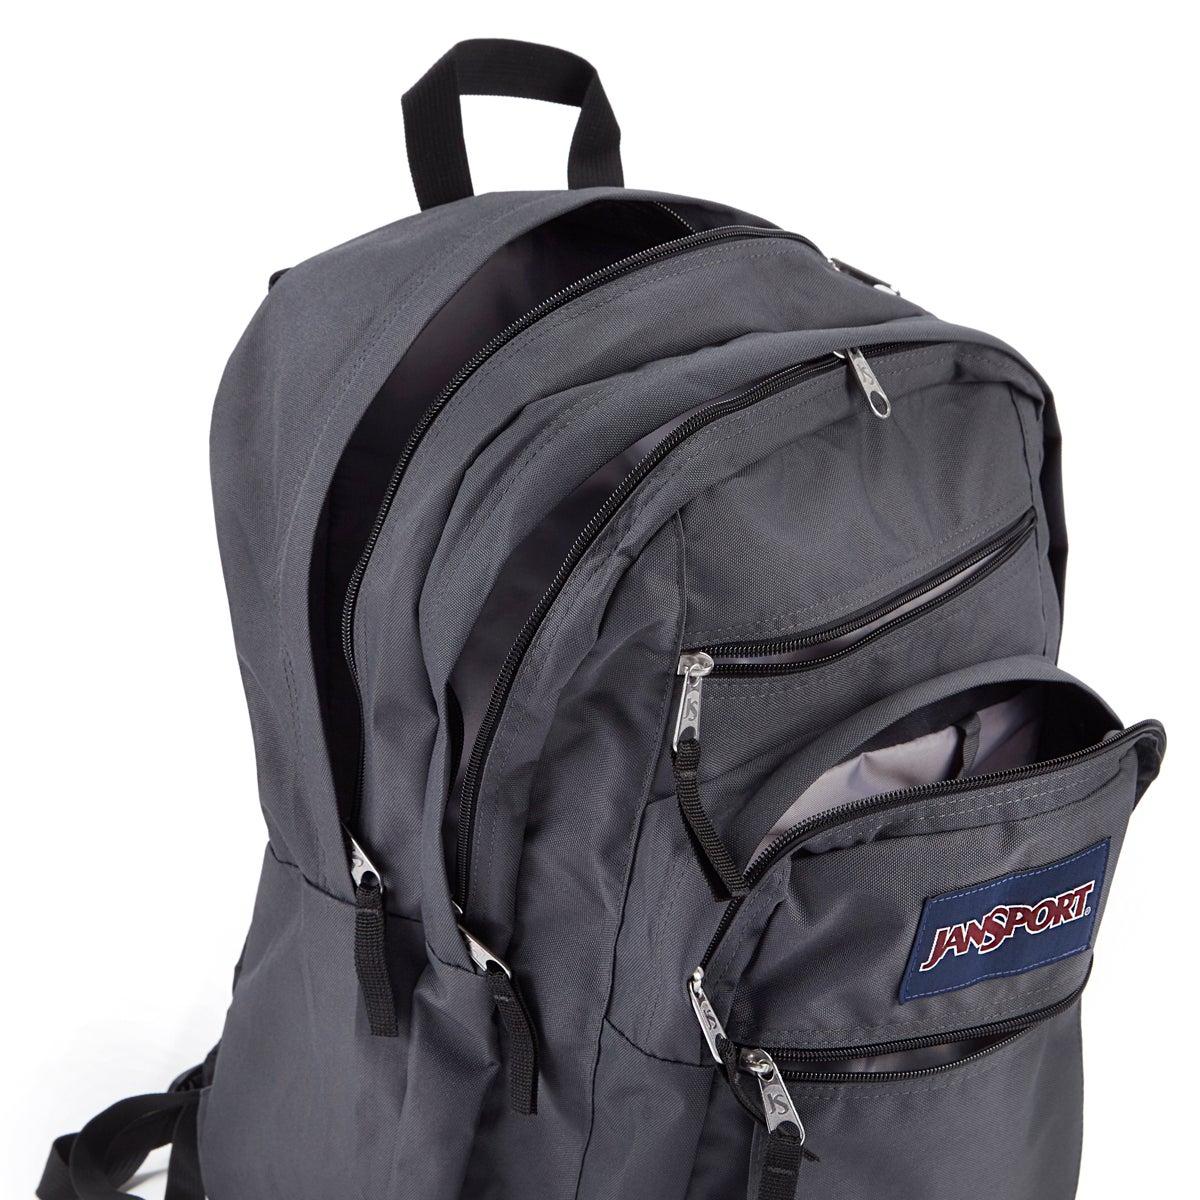 Jansport Big Student forge grey backpack